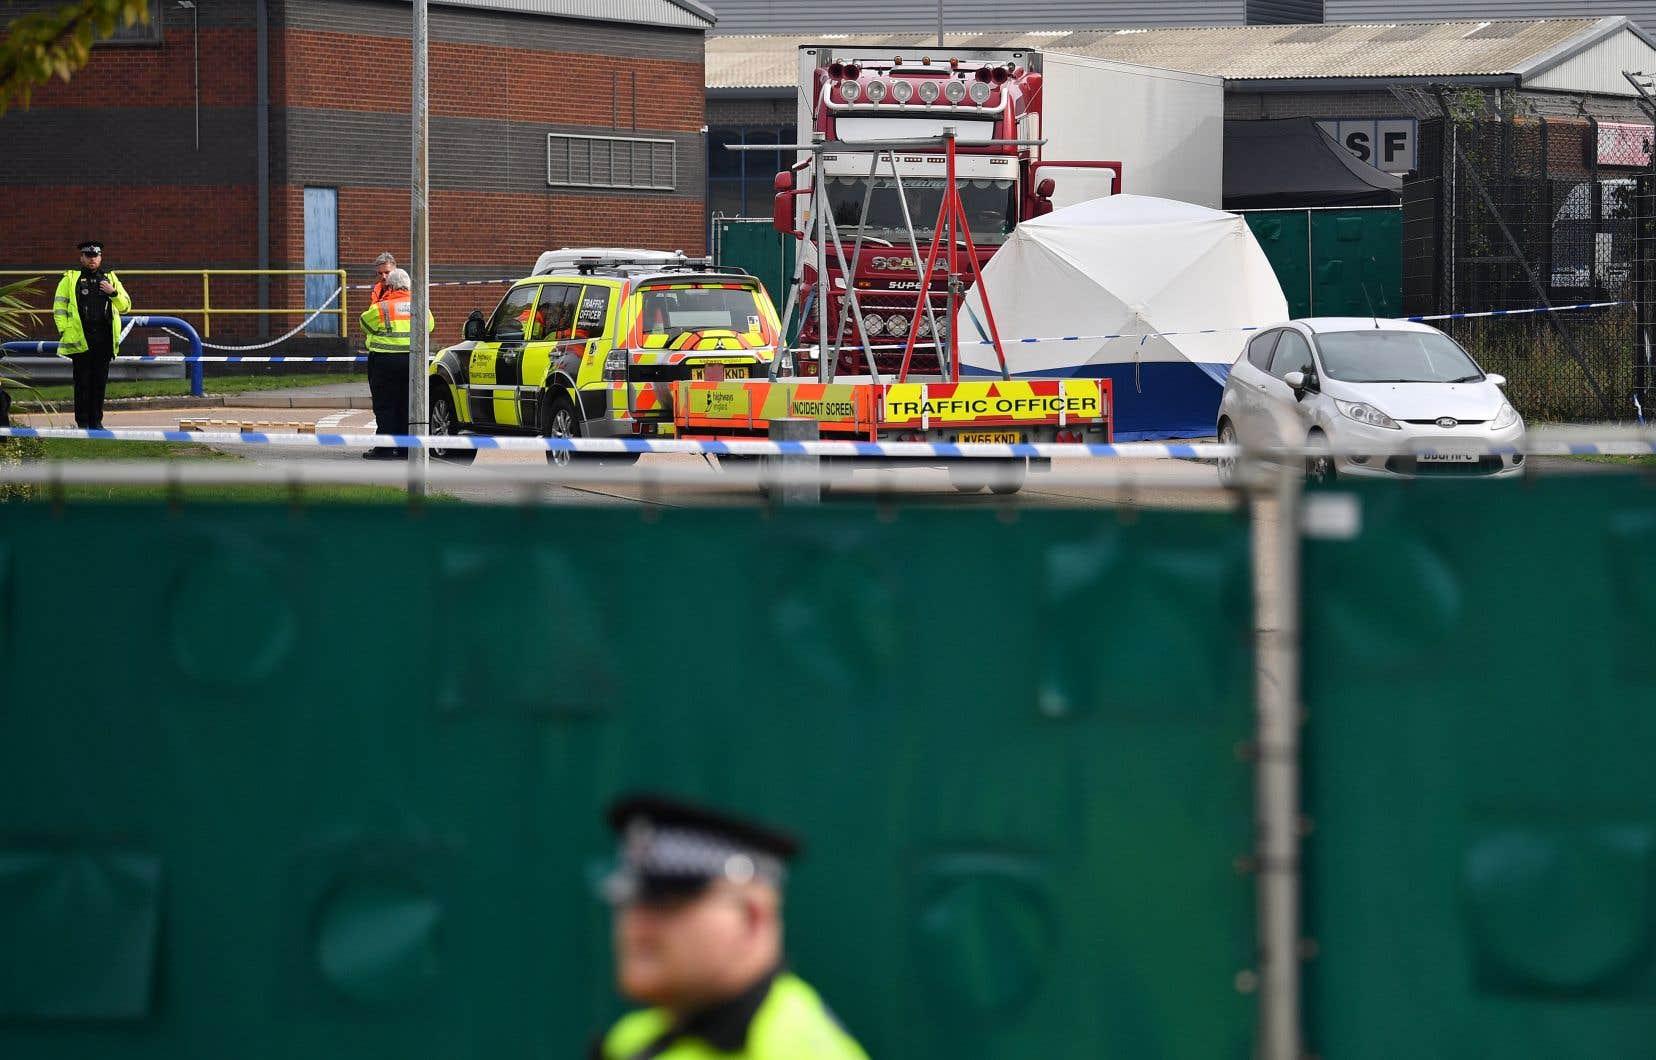 Un dispositif de sécurité a été mis en place et les accès de la zone industrielle de Waterglade, où le camion a été découvert, ont été fermés.